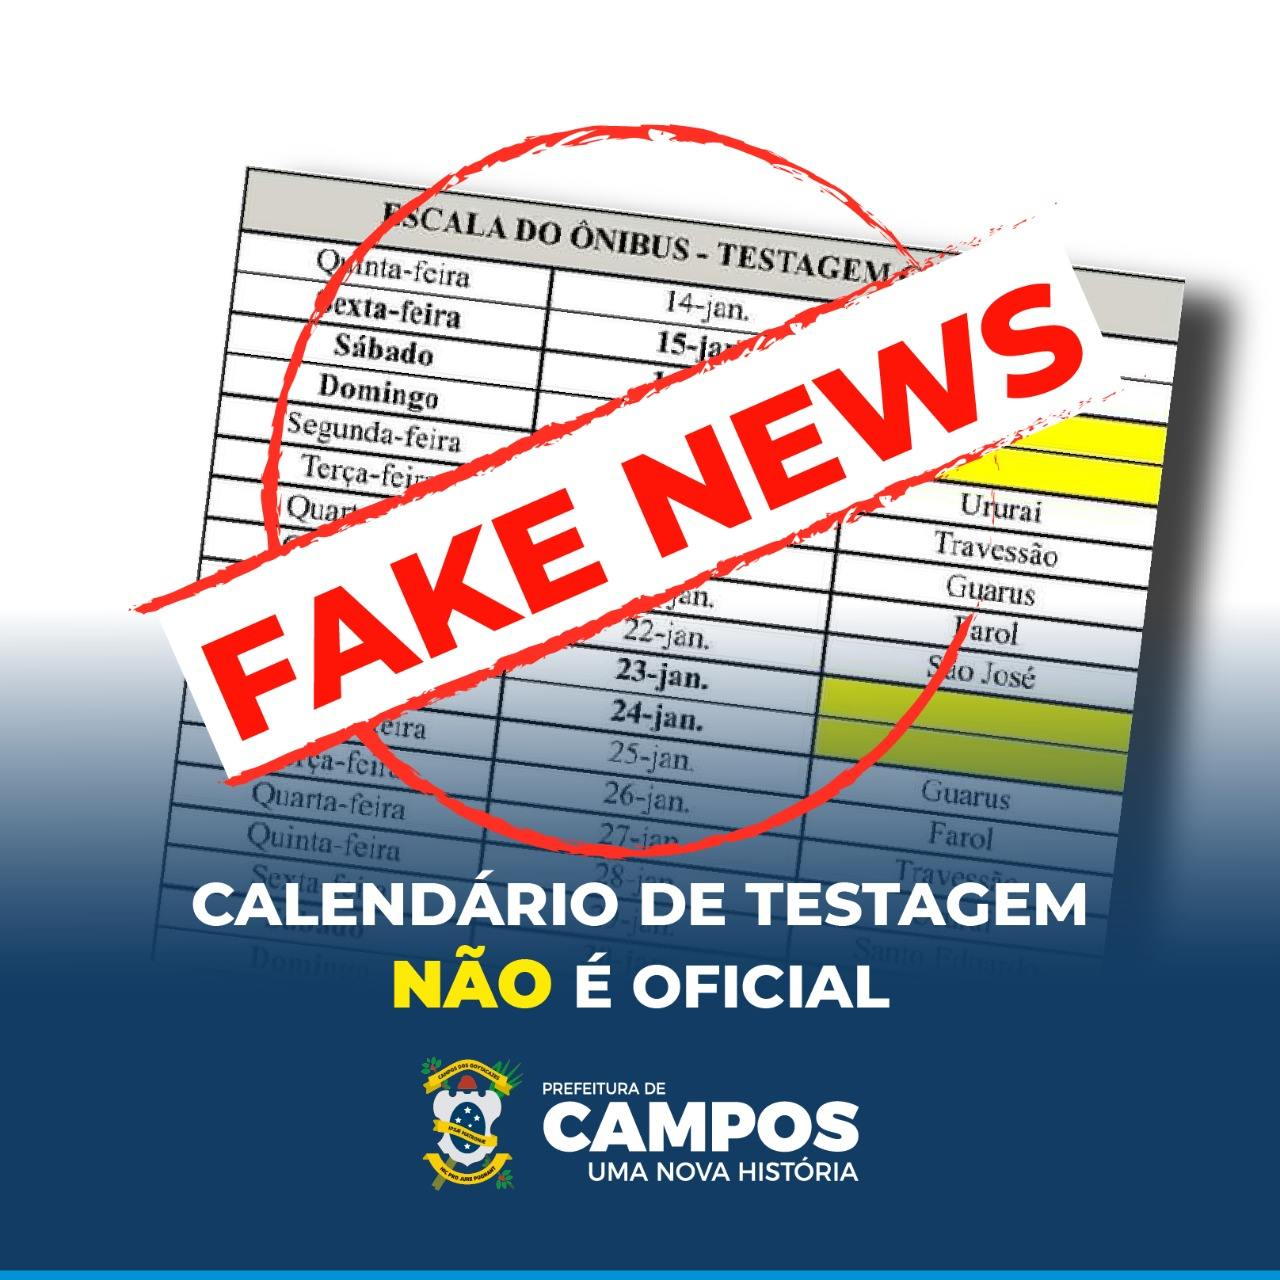 Covid-19: Prefeitura de Campos alerta para fake news sobre calendário do ônibus de testagem